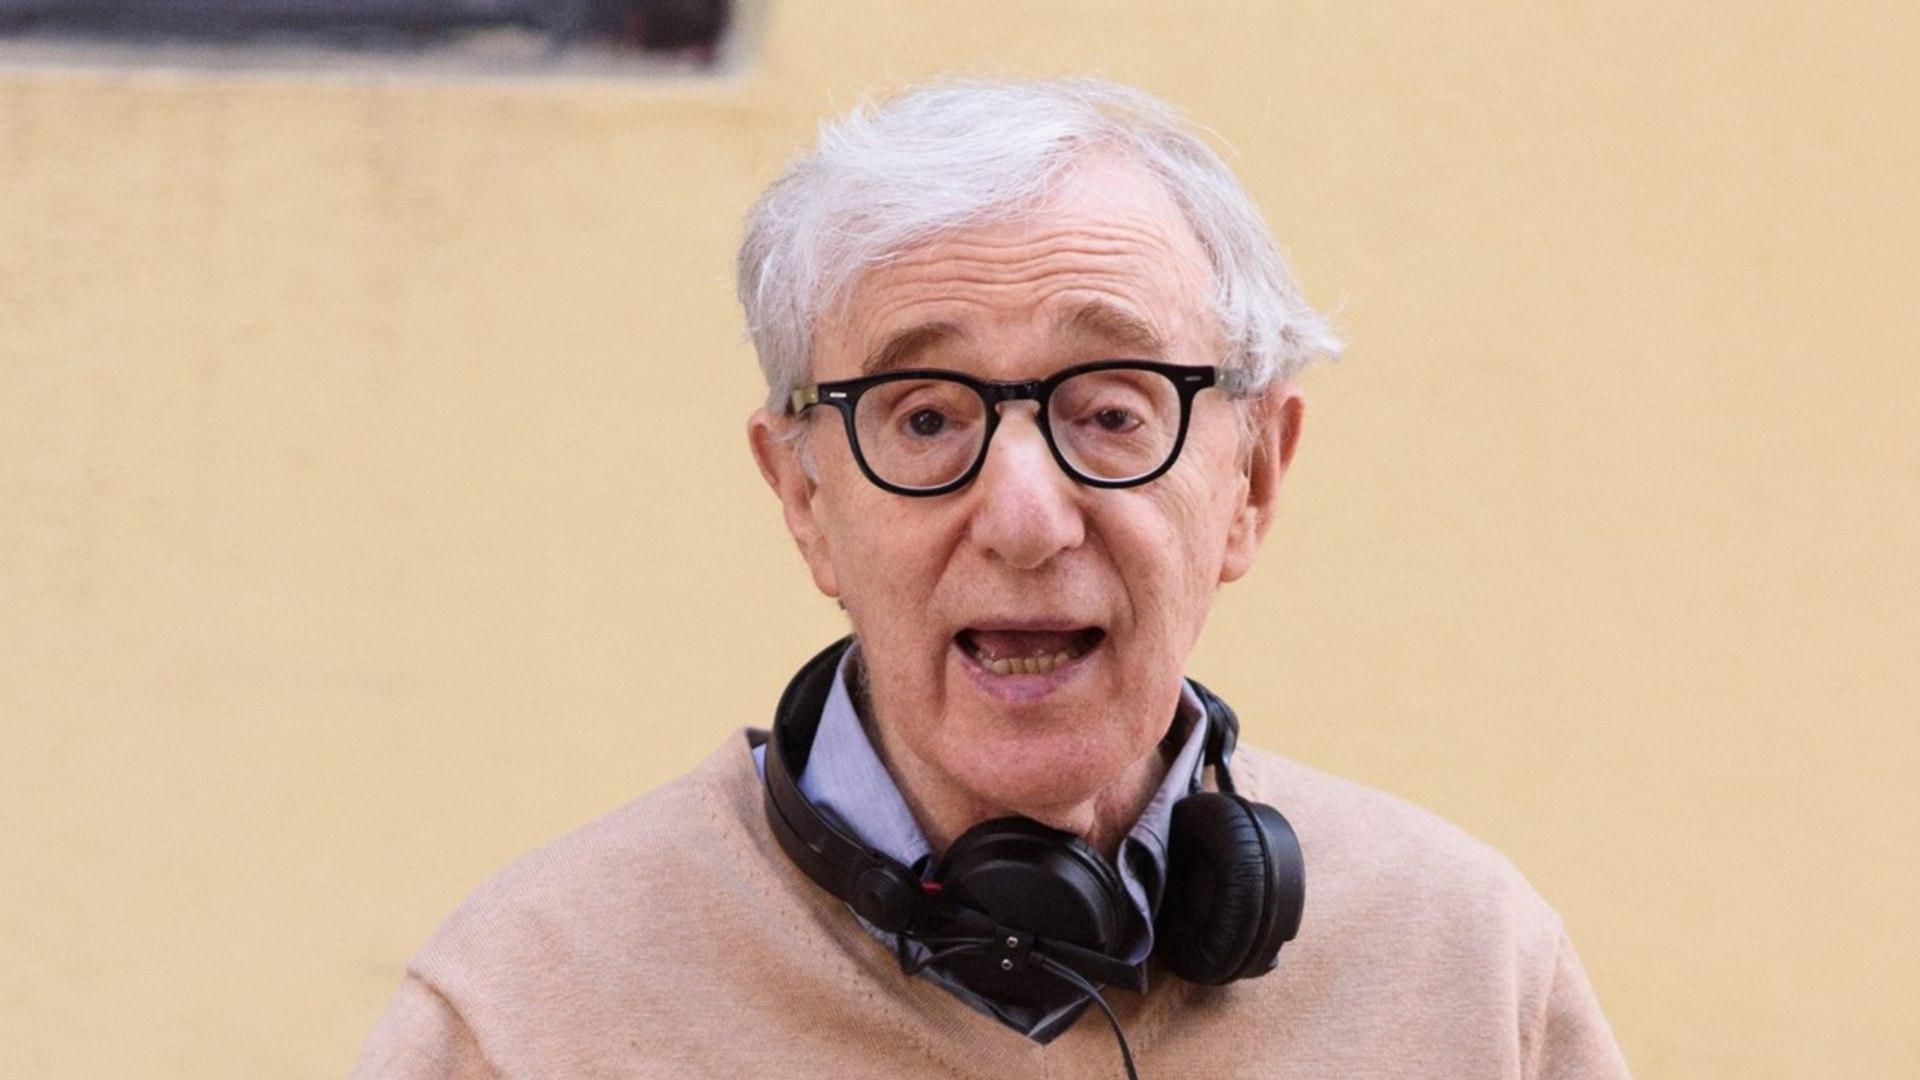 Alec Baldwin Comes to Woody Allen's Defense